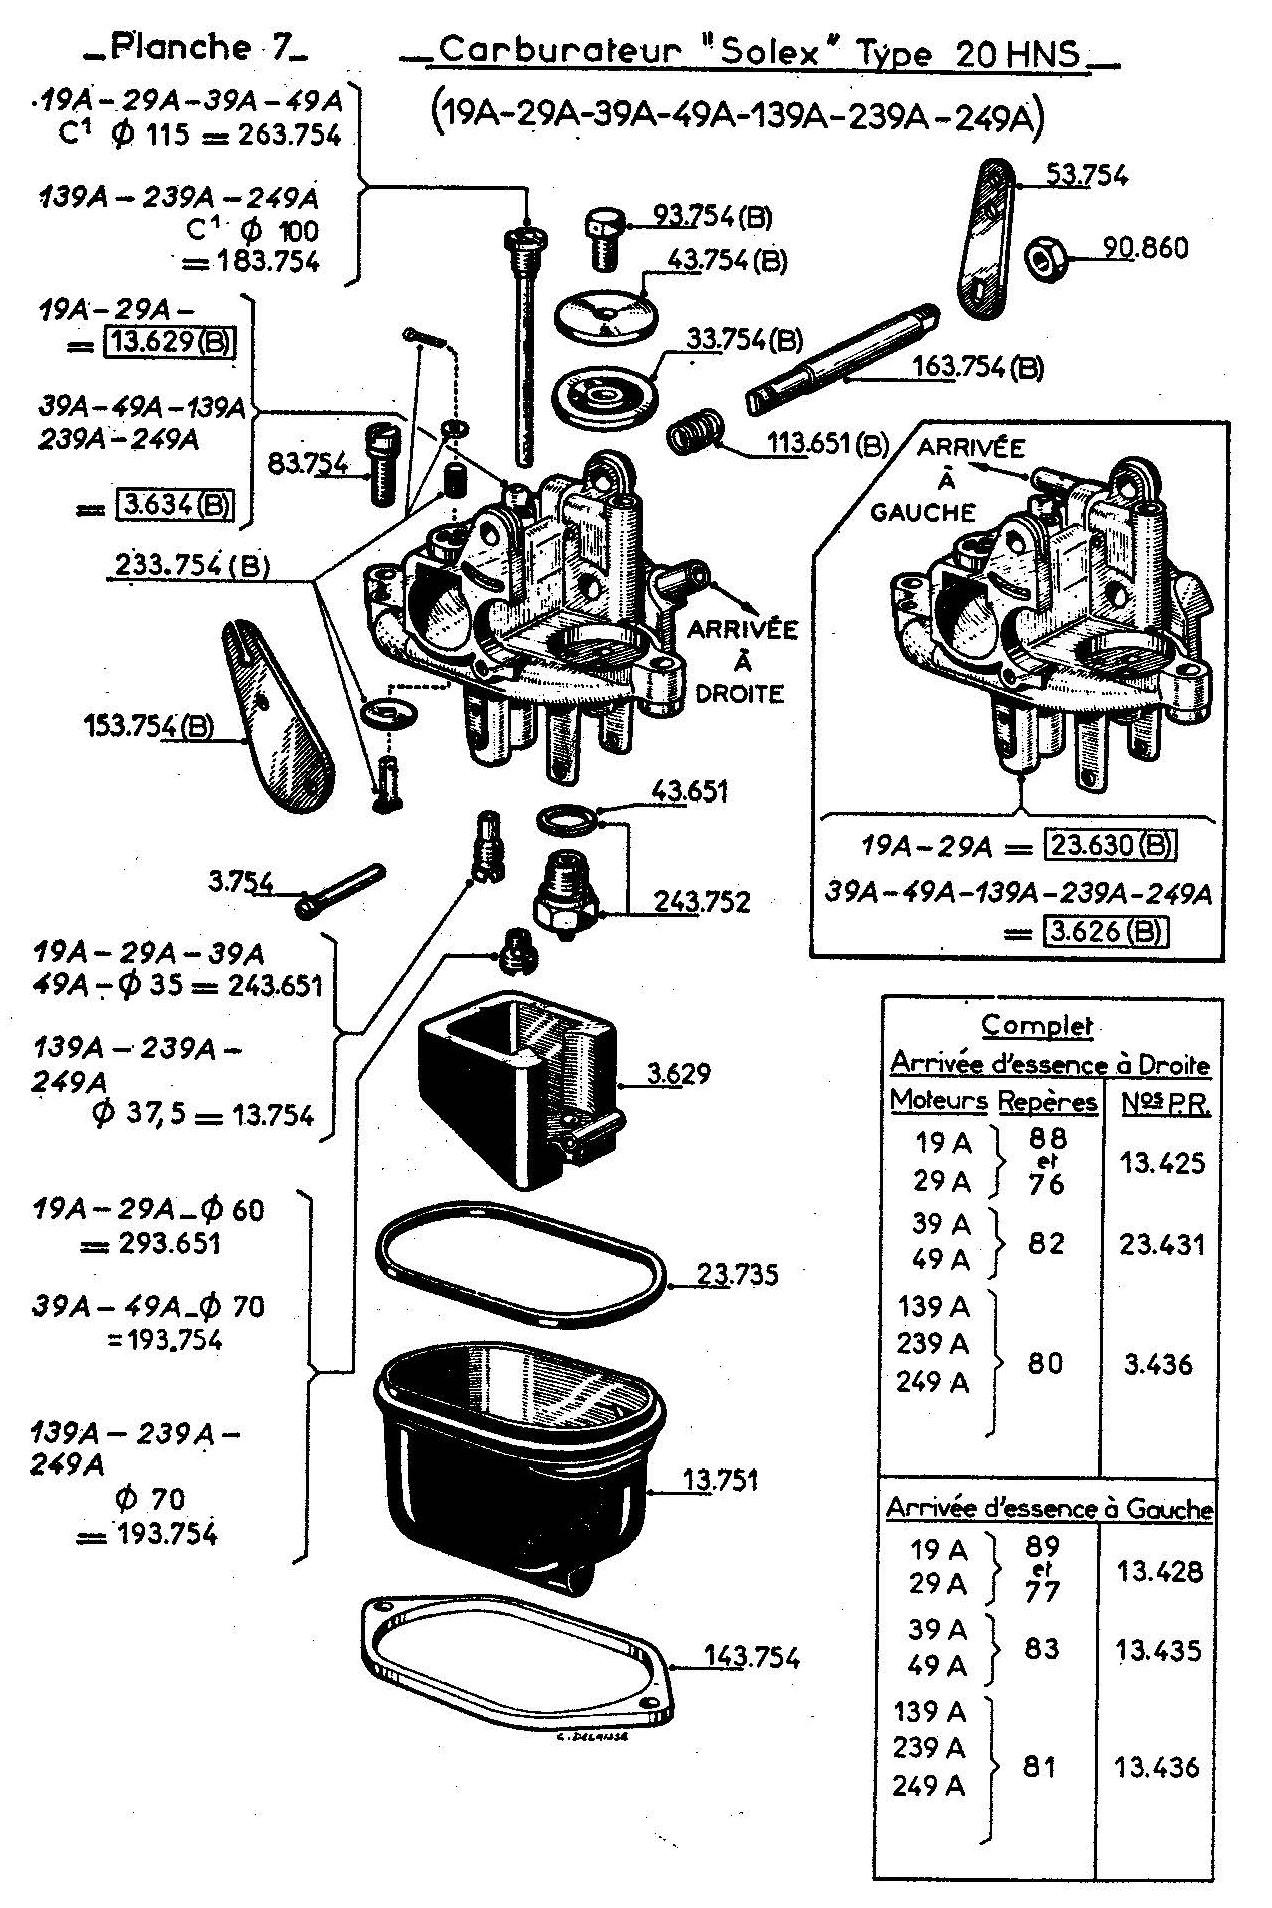 vue éclatée carburateur W617 W71719A - 39A - 139A - 239A - 29A - 49A - 249A